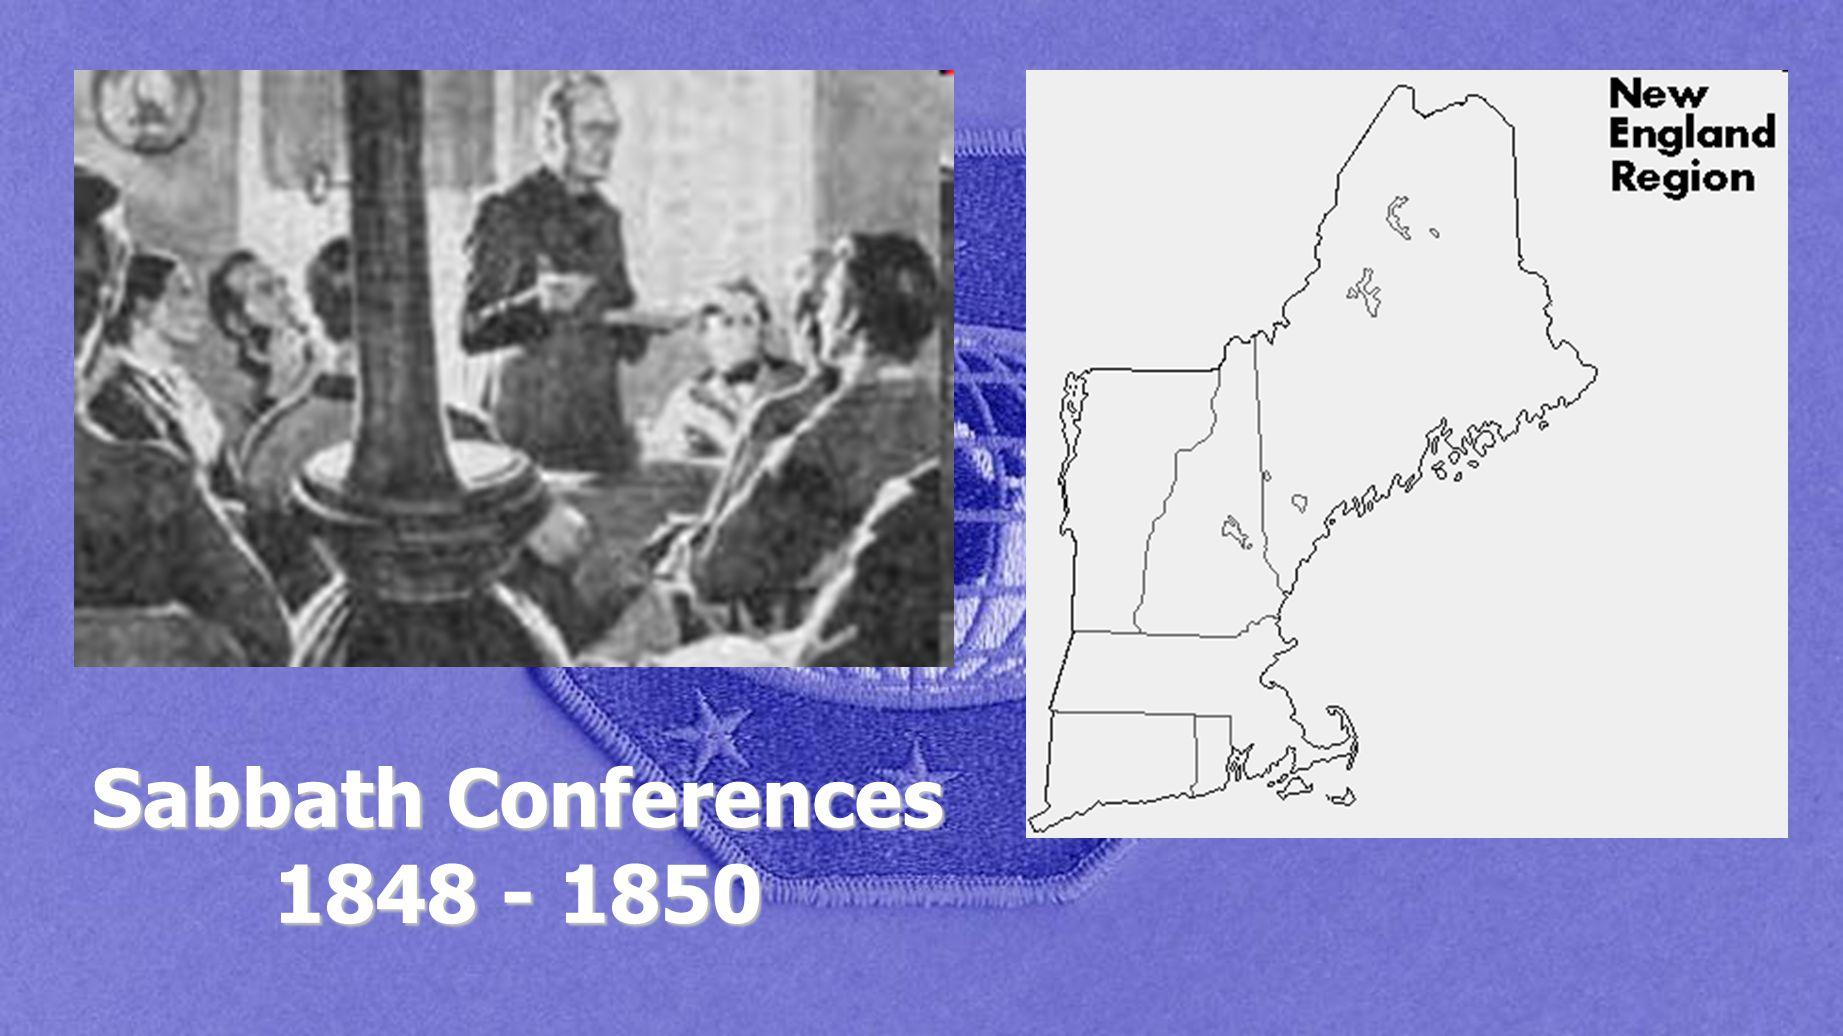 Sabbath Conferences 1848 - 1850